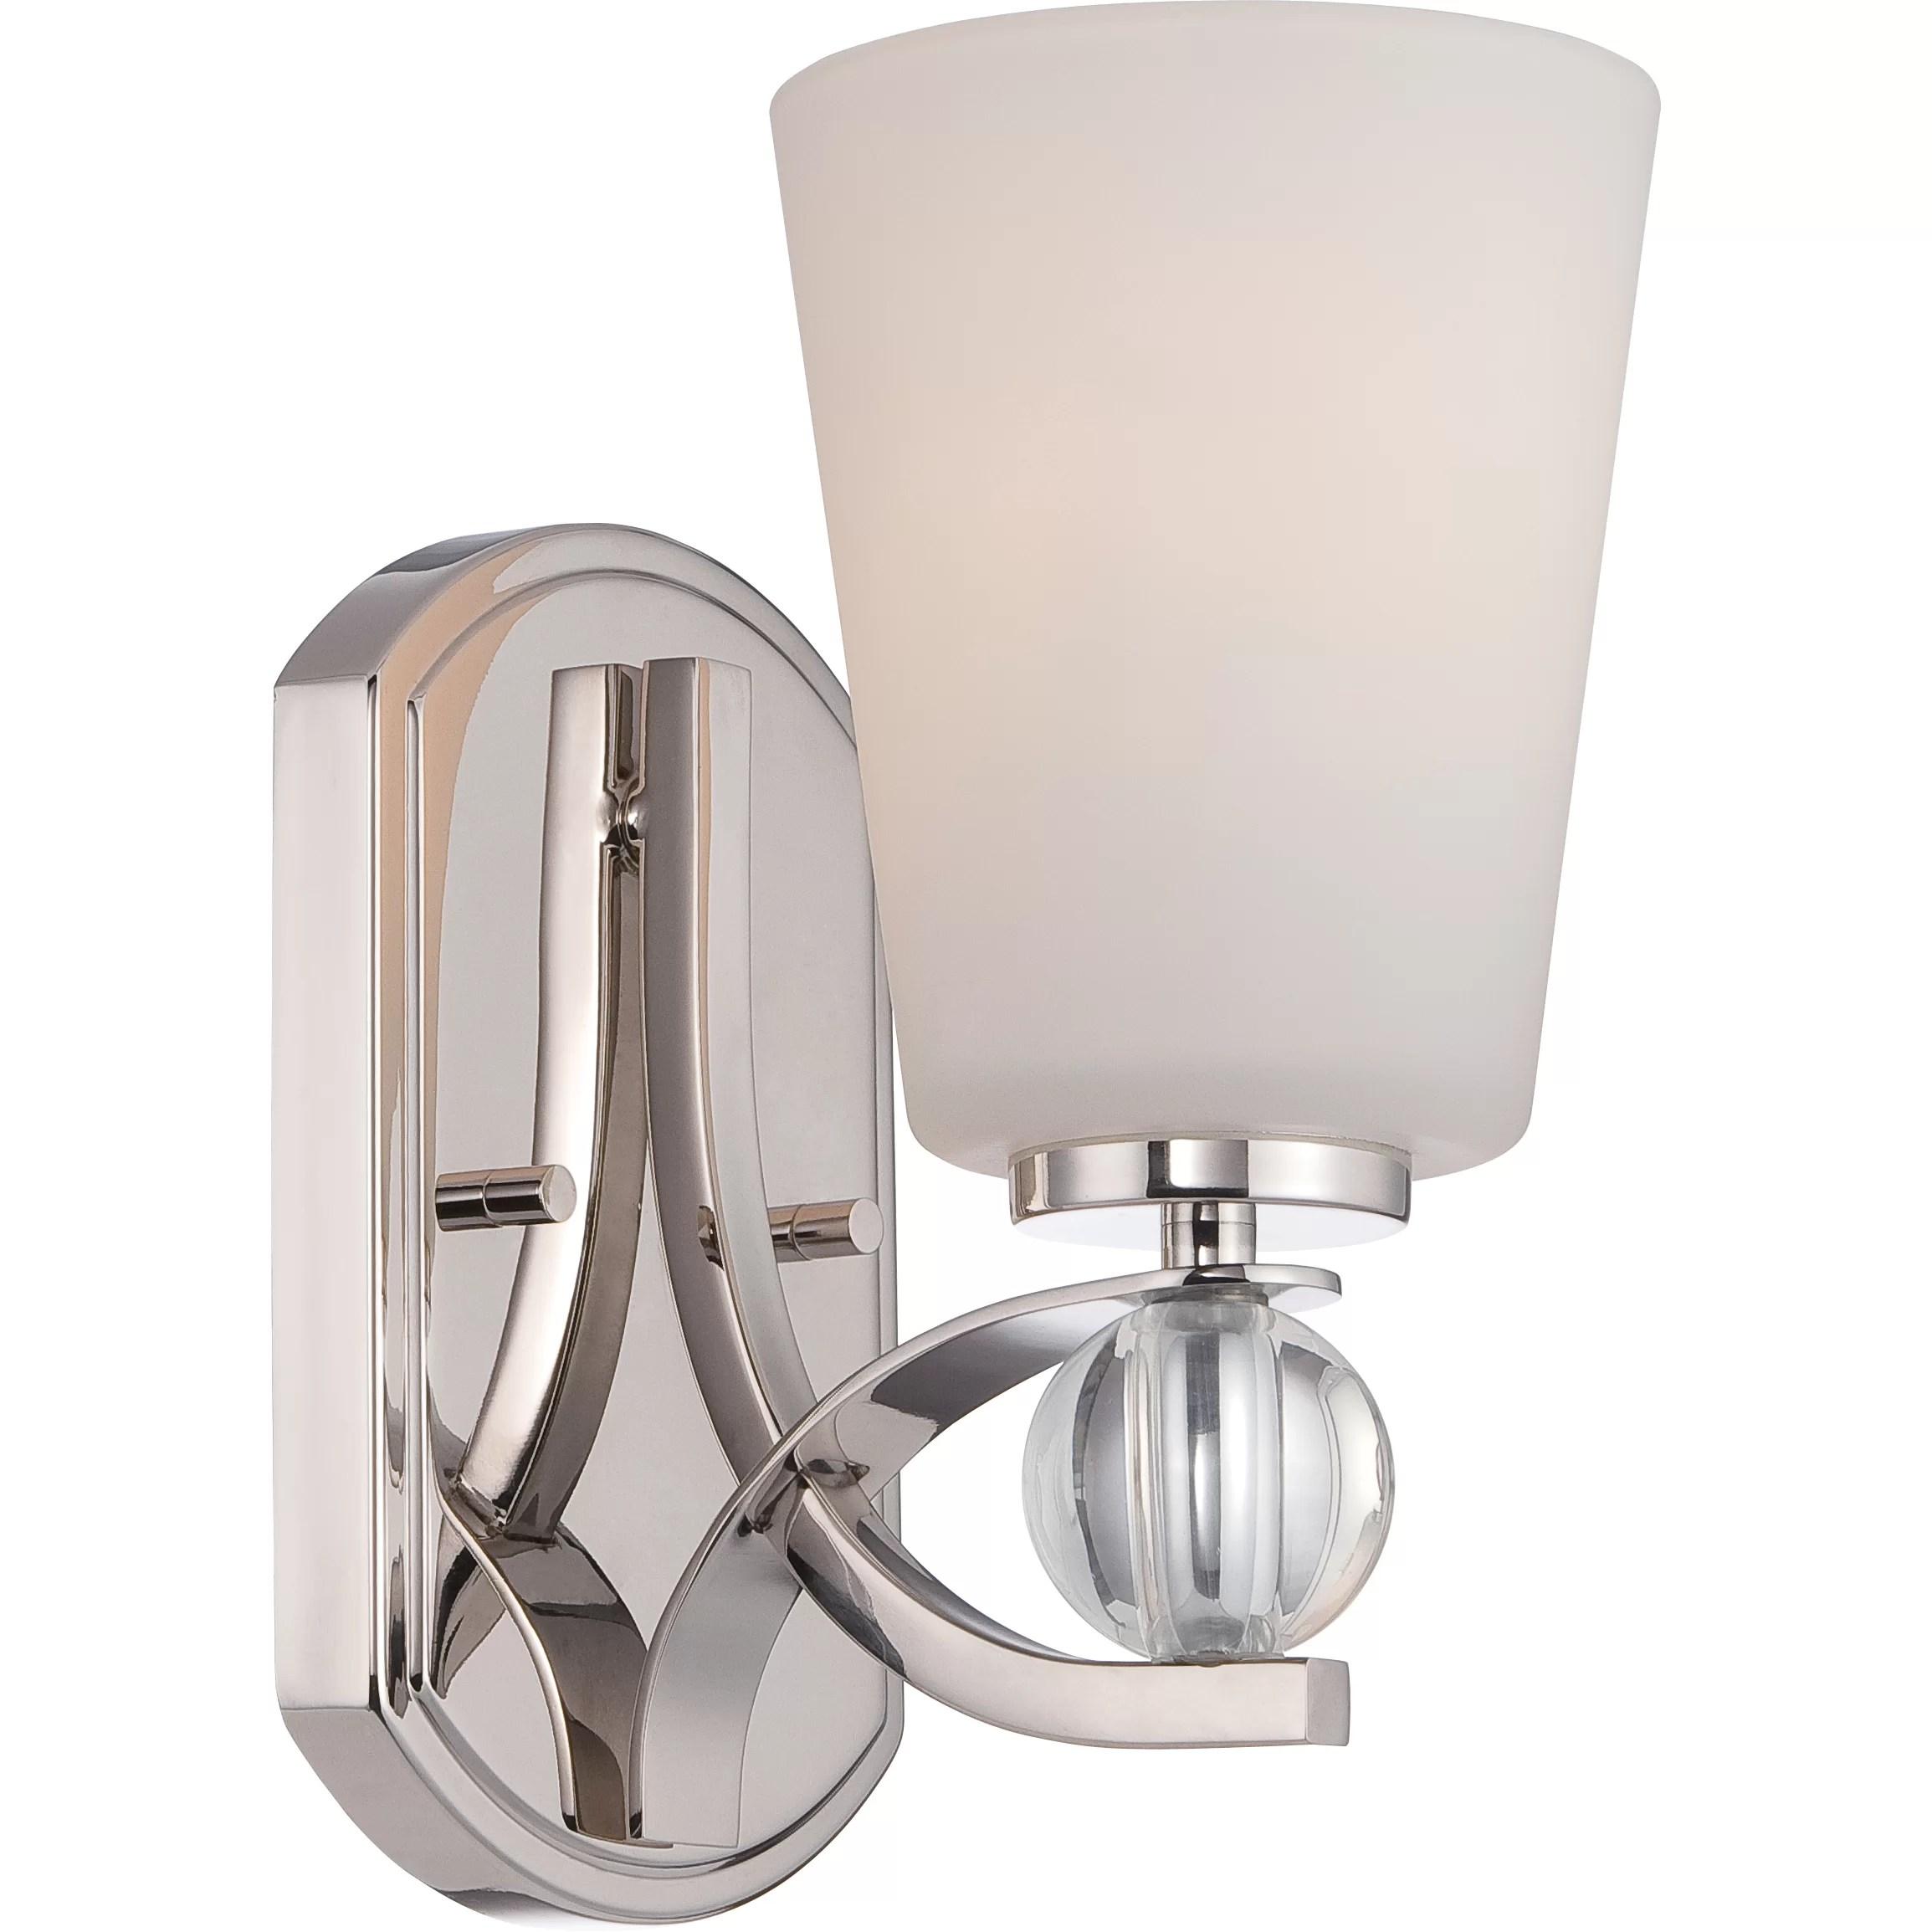 Nuvo Lighting Connie 1 Light Bath Sconce & Reviews   Wayfair on Wayfair Bathroom Sconces id=77736